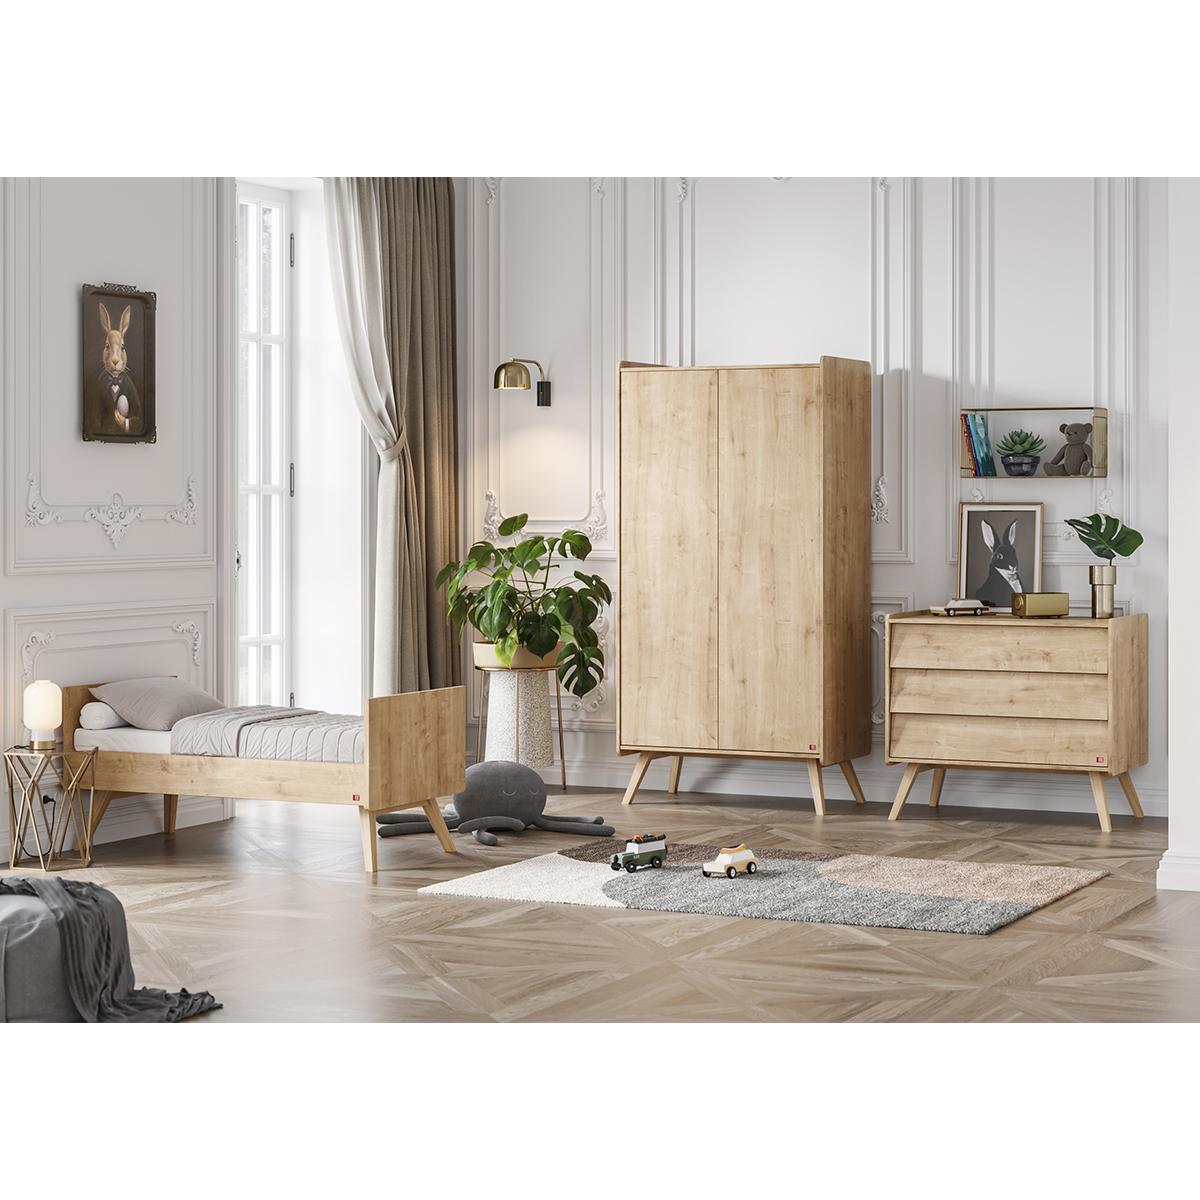 Chambre complète lit évolutif 70x140 - commode à langer - armoire 2 portes Vox Vintage - Bois